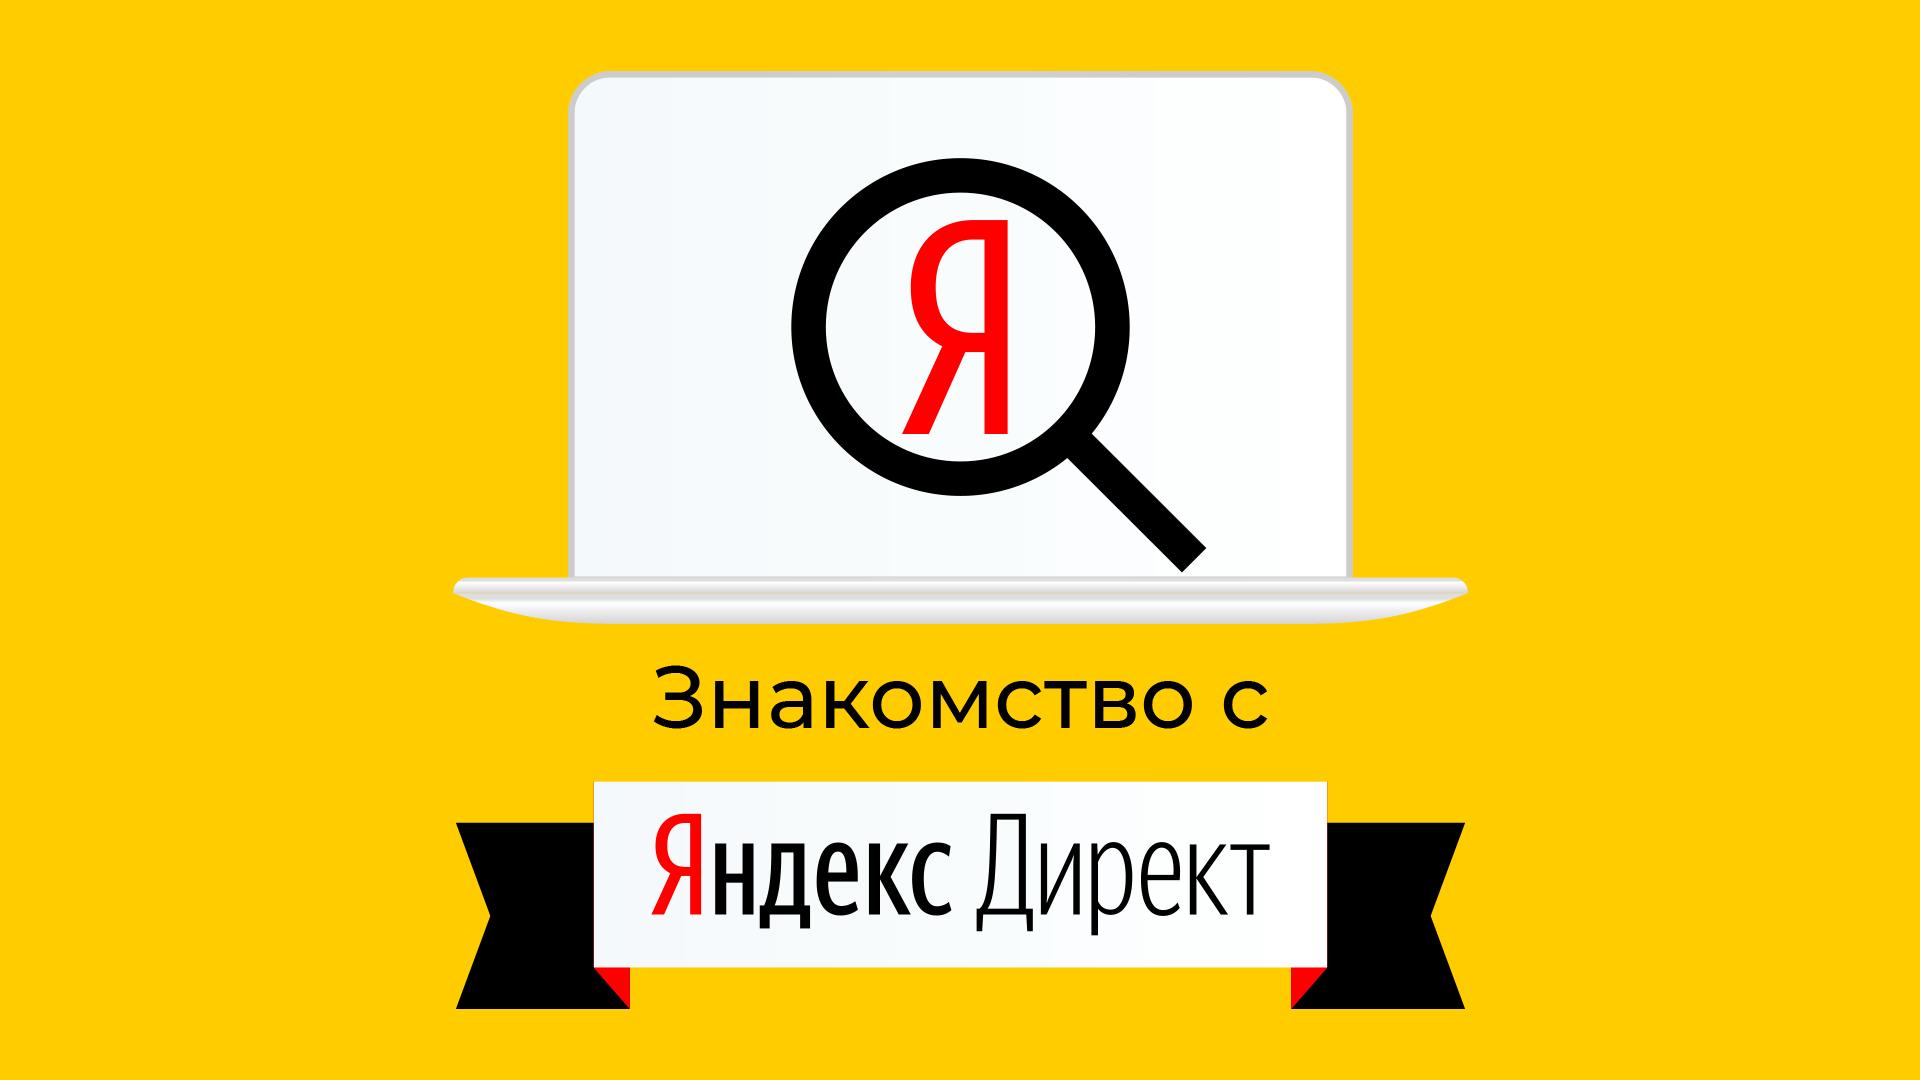 Яндекс Директ в арбитраже трафика